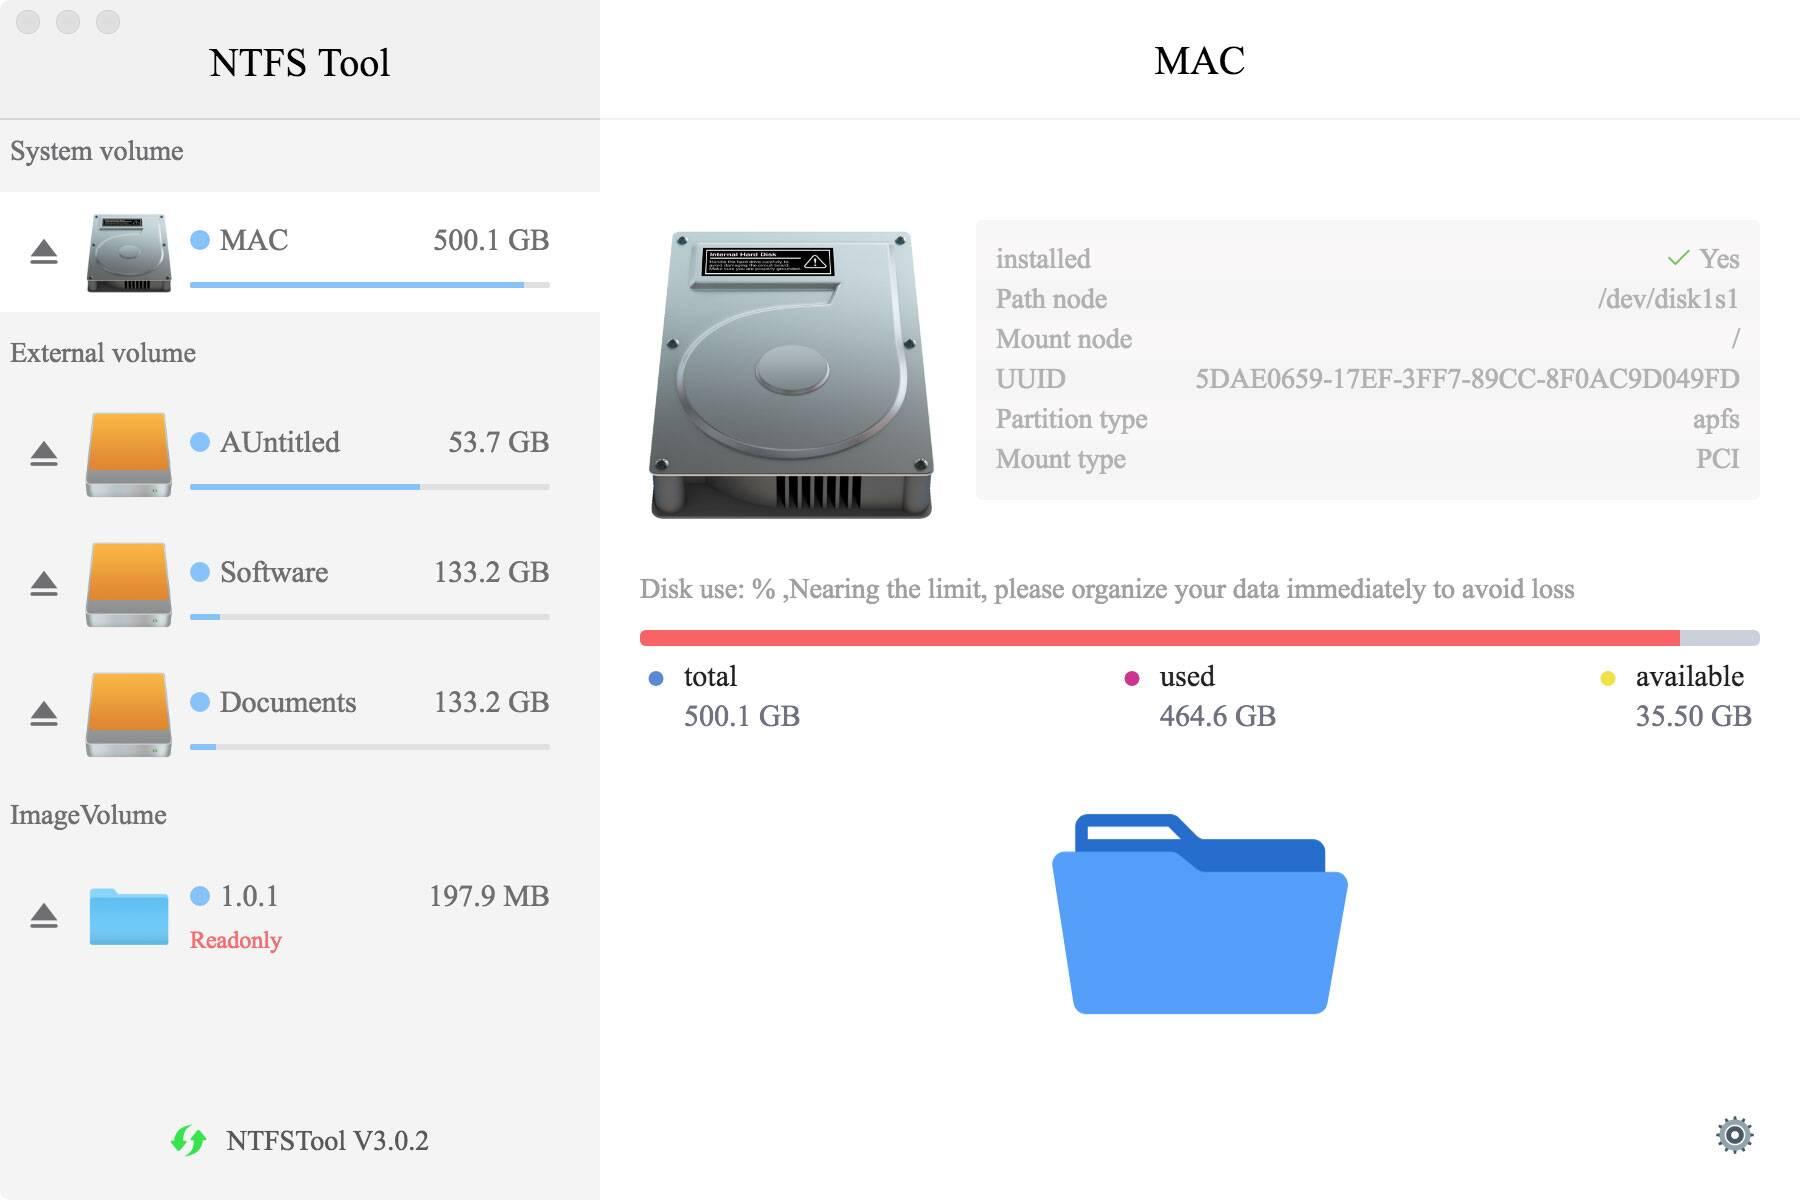 佳软推荐:Mac平台 NTFS Tool